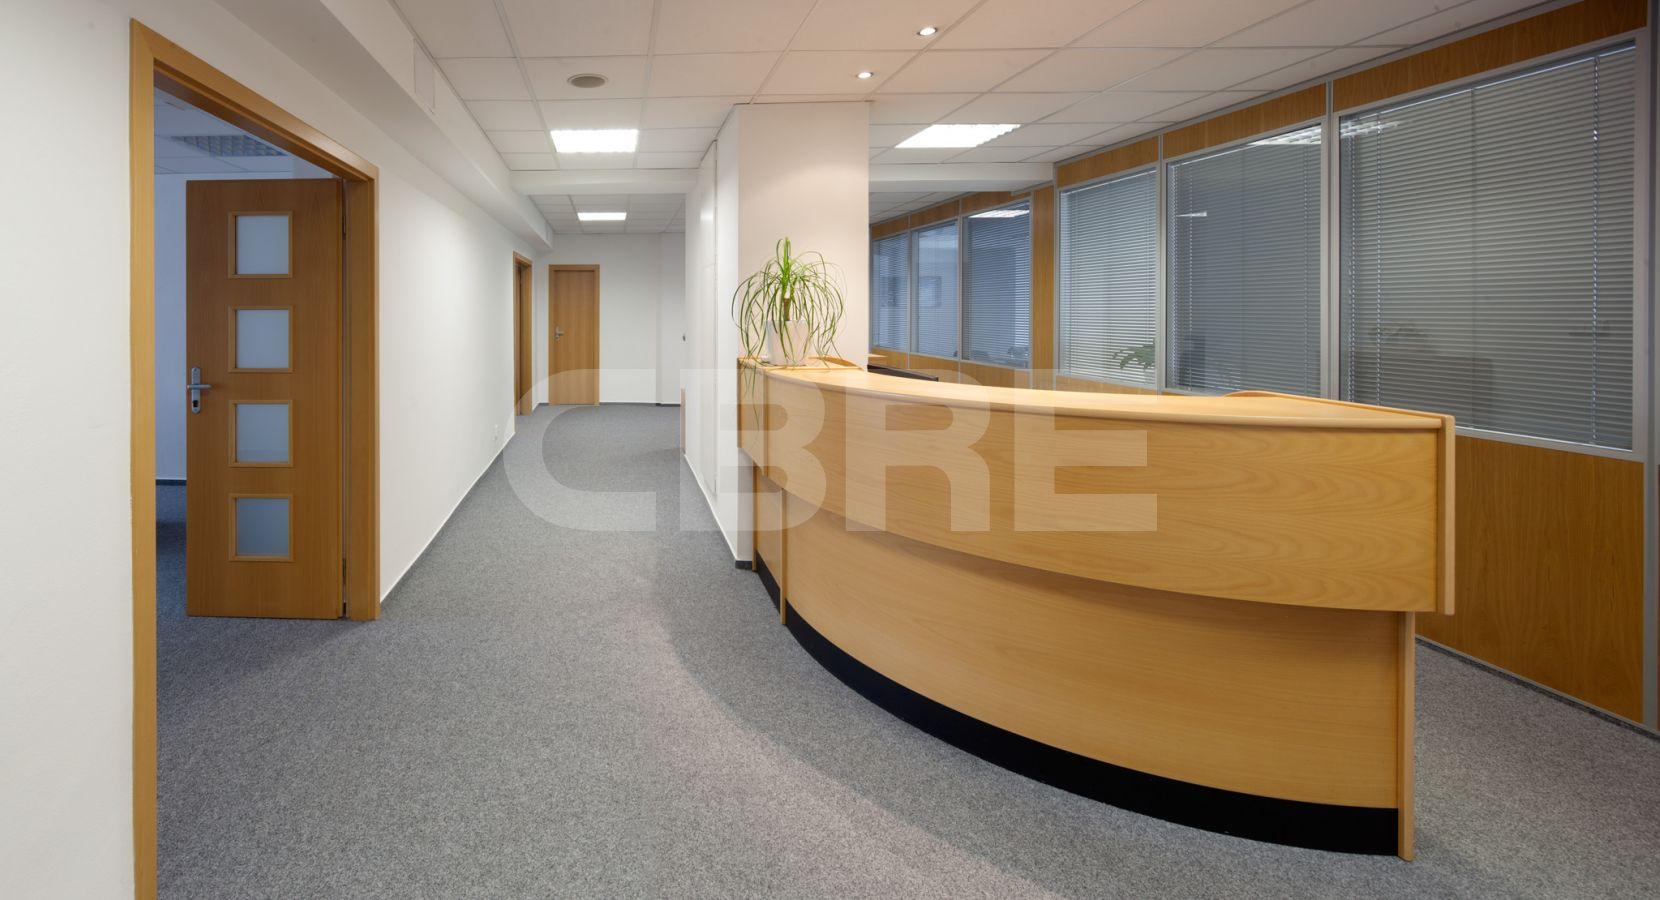 להשכרה משרד בפראג 4 בגודל 39 מר ליד הפארק (3)